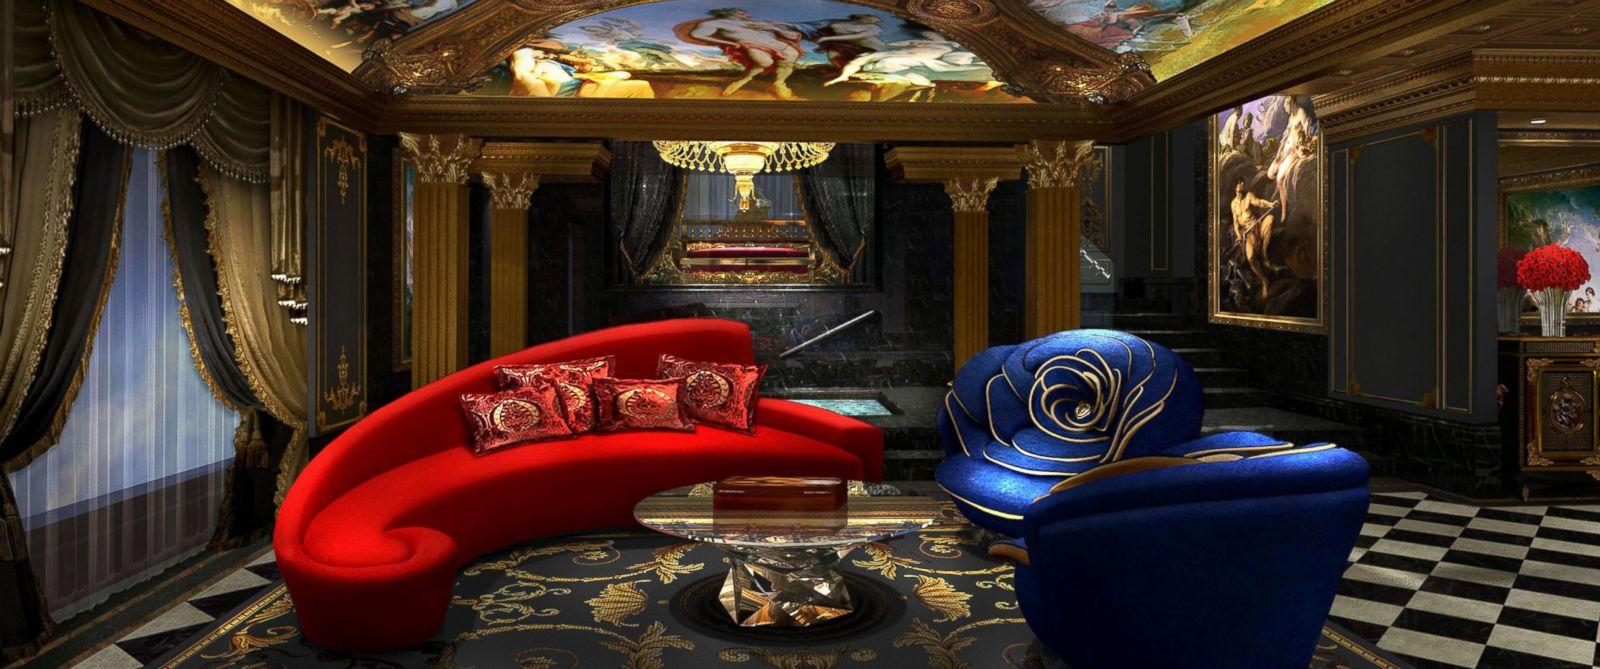 The 13: el Hotel más lujoso y caro del mundo